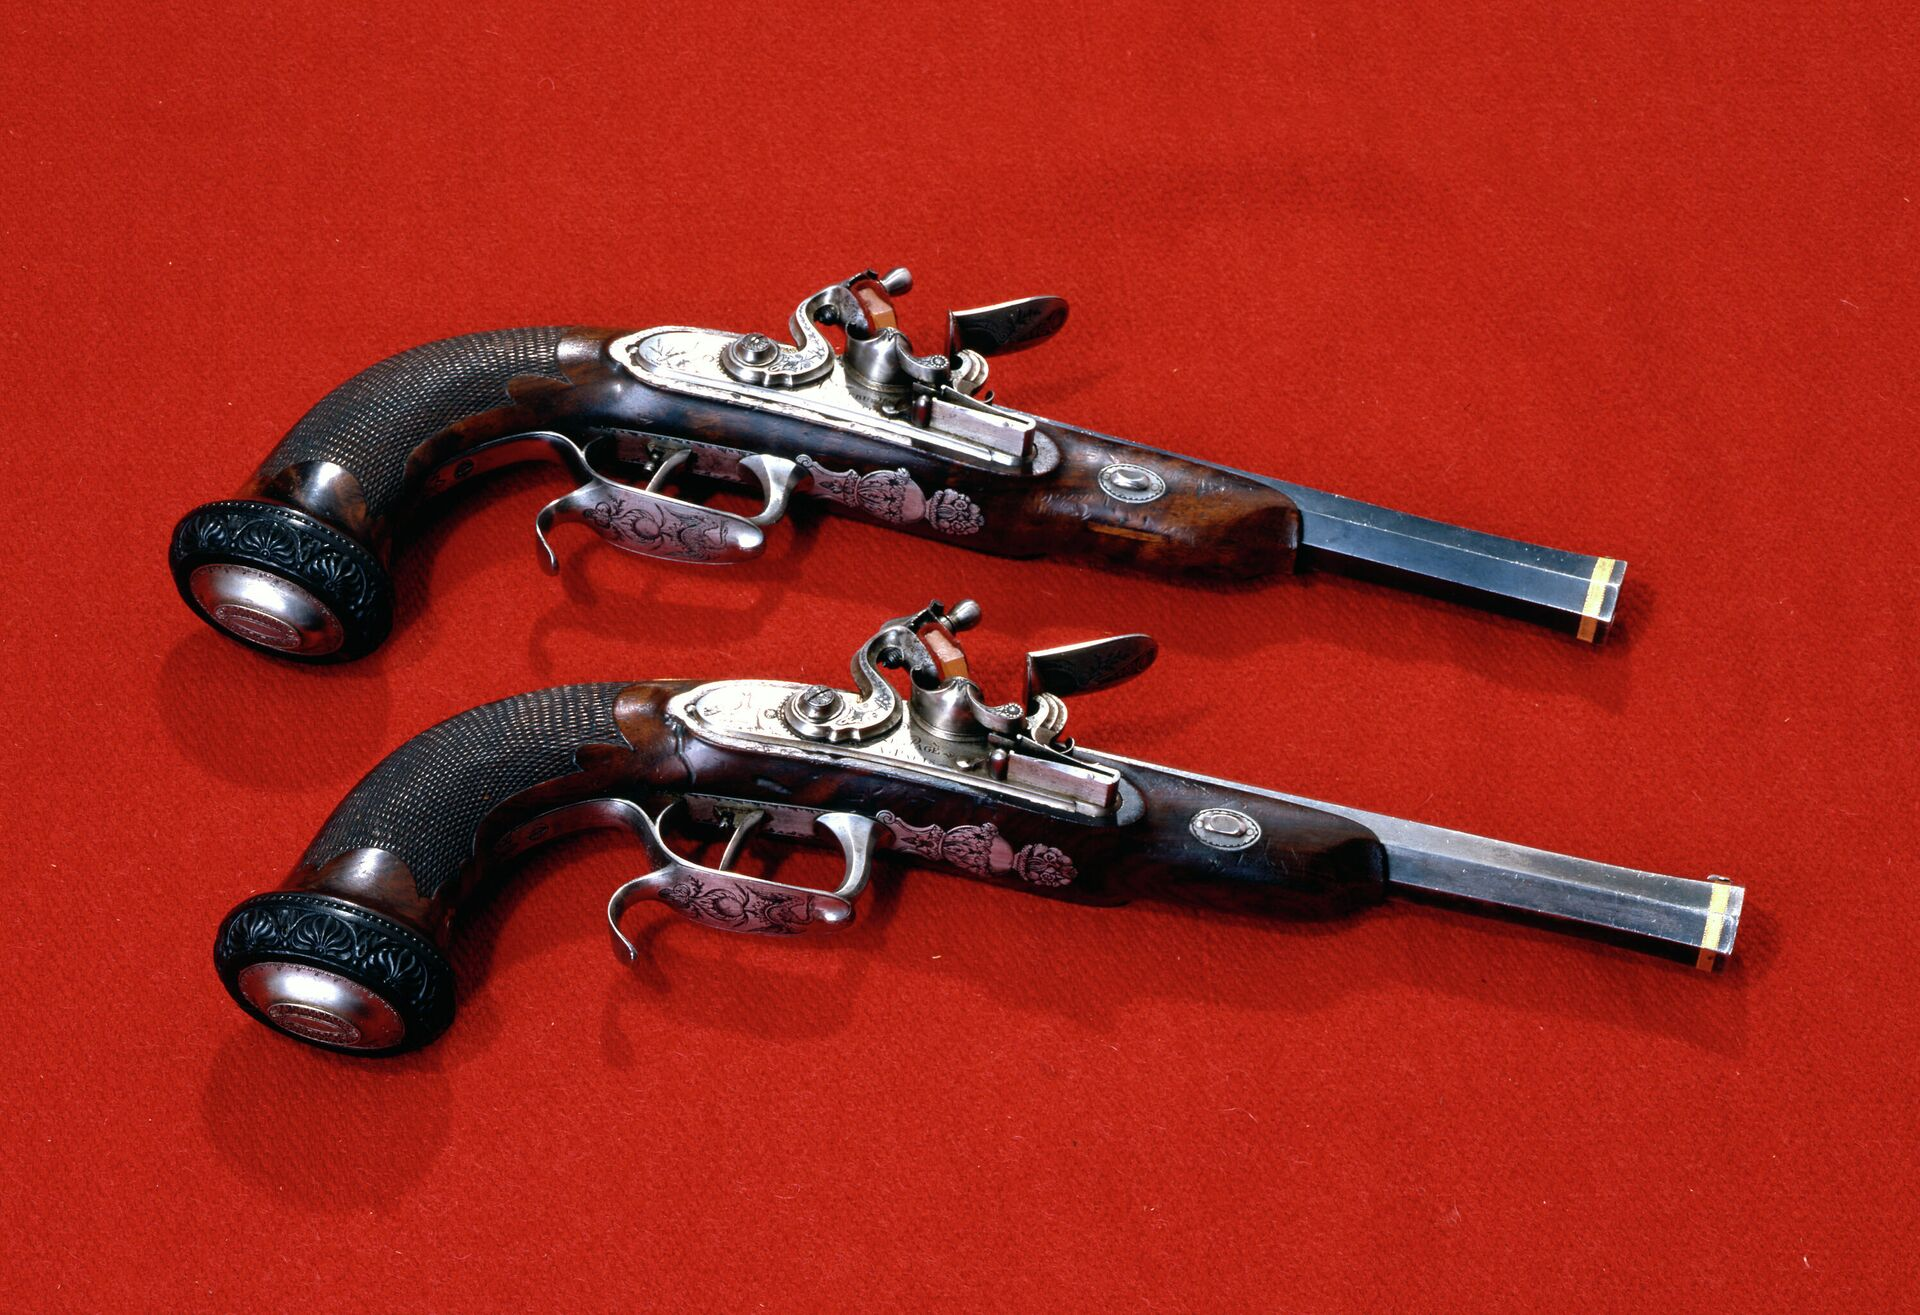 Пистолеты с ударно-кремневыми замками. Конец XVIII века - РИА Новости, 1920, 25.04.2021